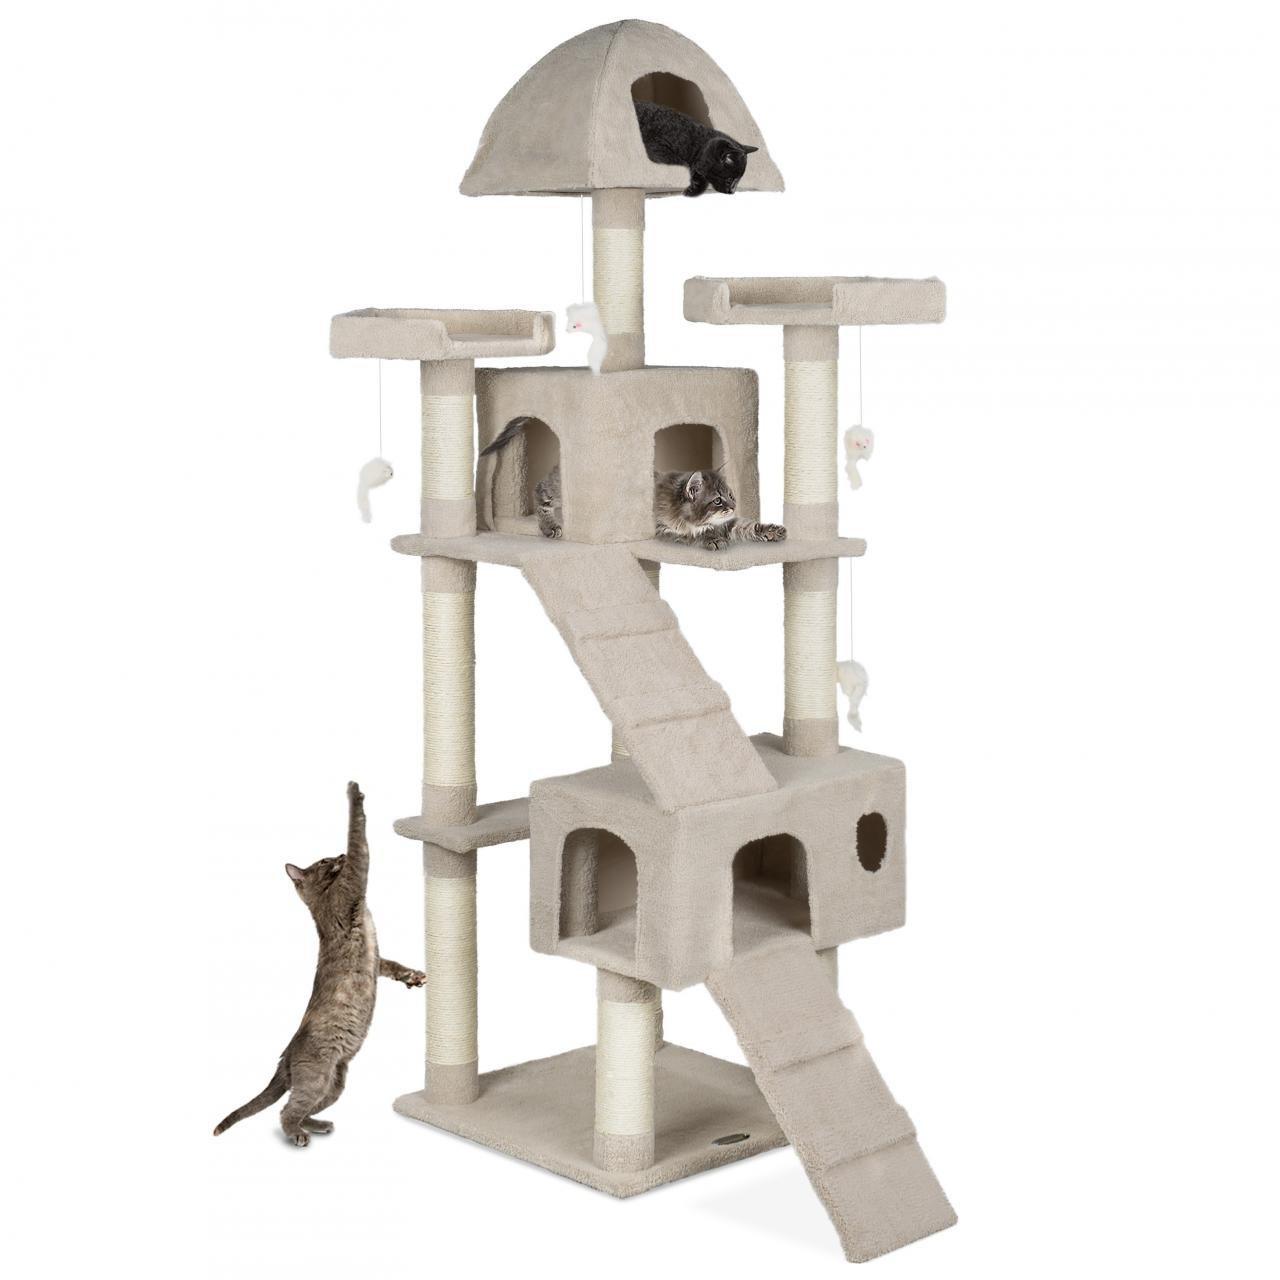 tiragraffi per gatti economici grandi trixie i nostri. Black Bedroom Furniture Sets. Home Design Ideas